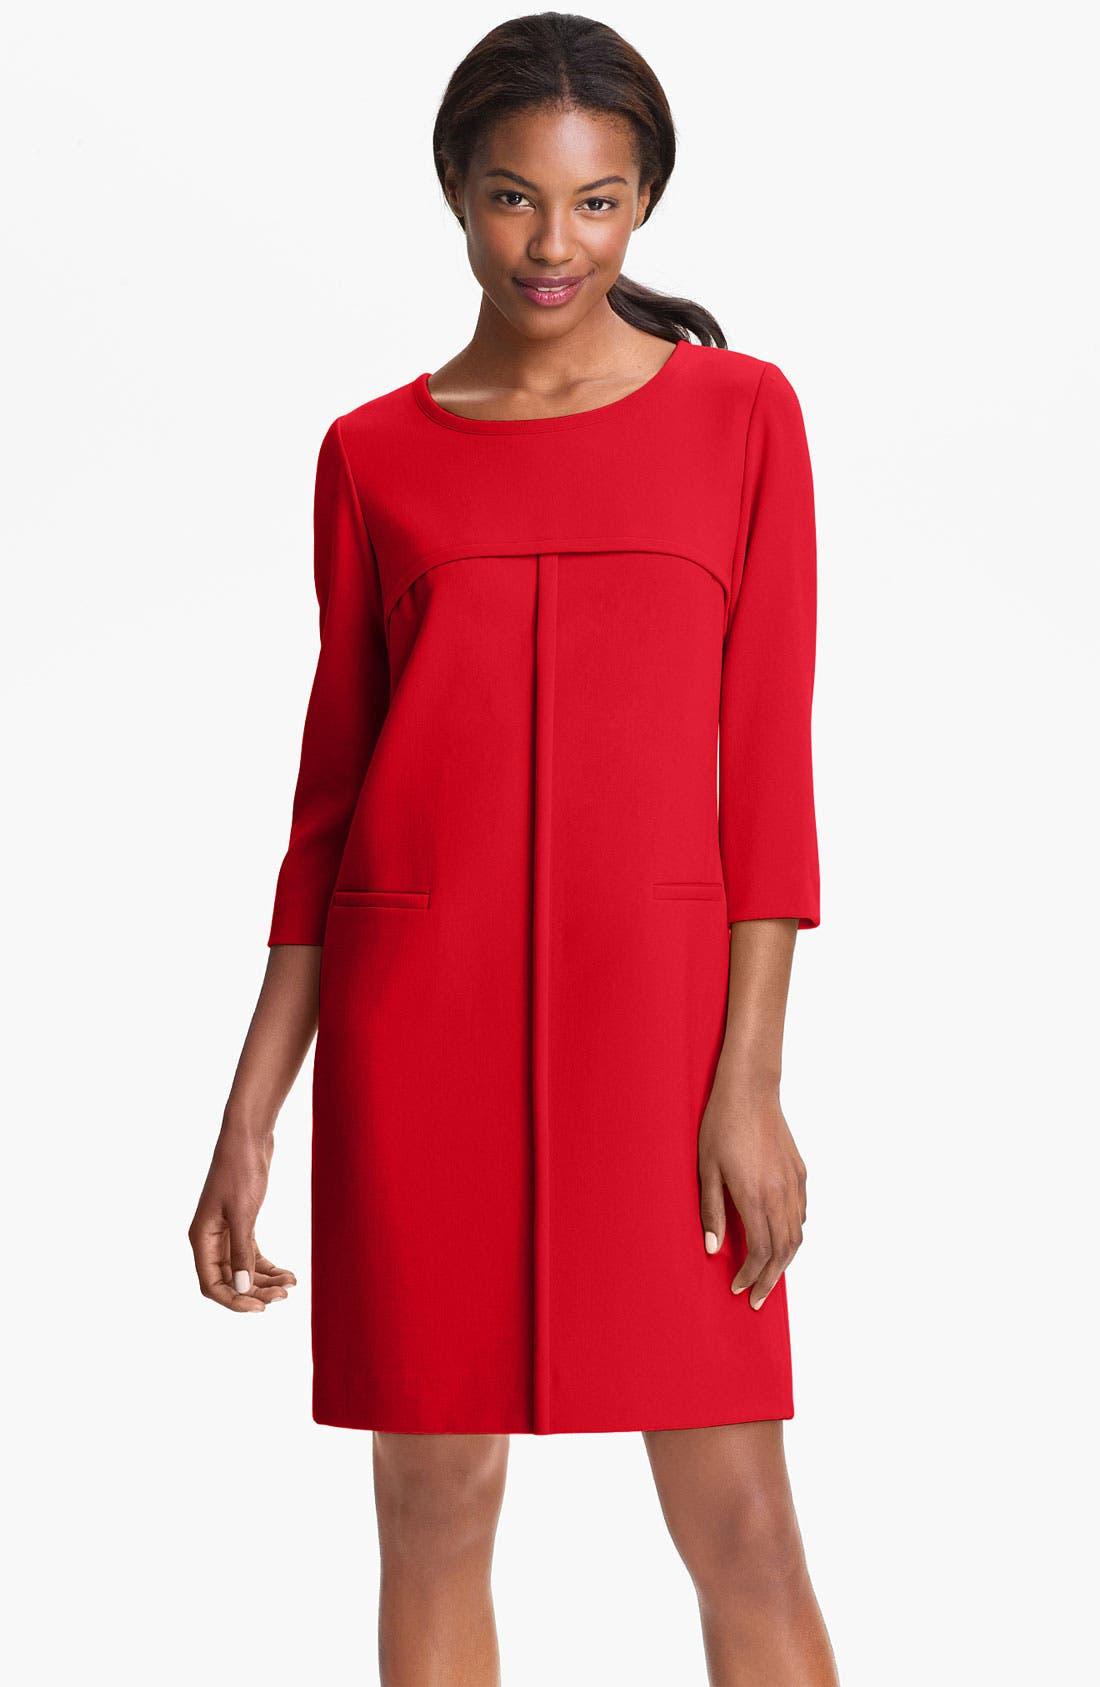 Alternate Image 1 Selected - Tahari Ponte Shift Dress